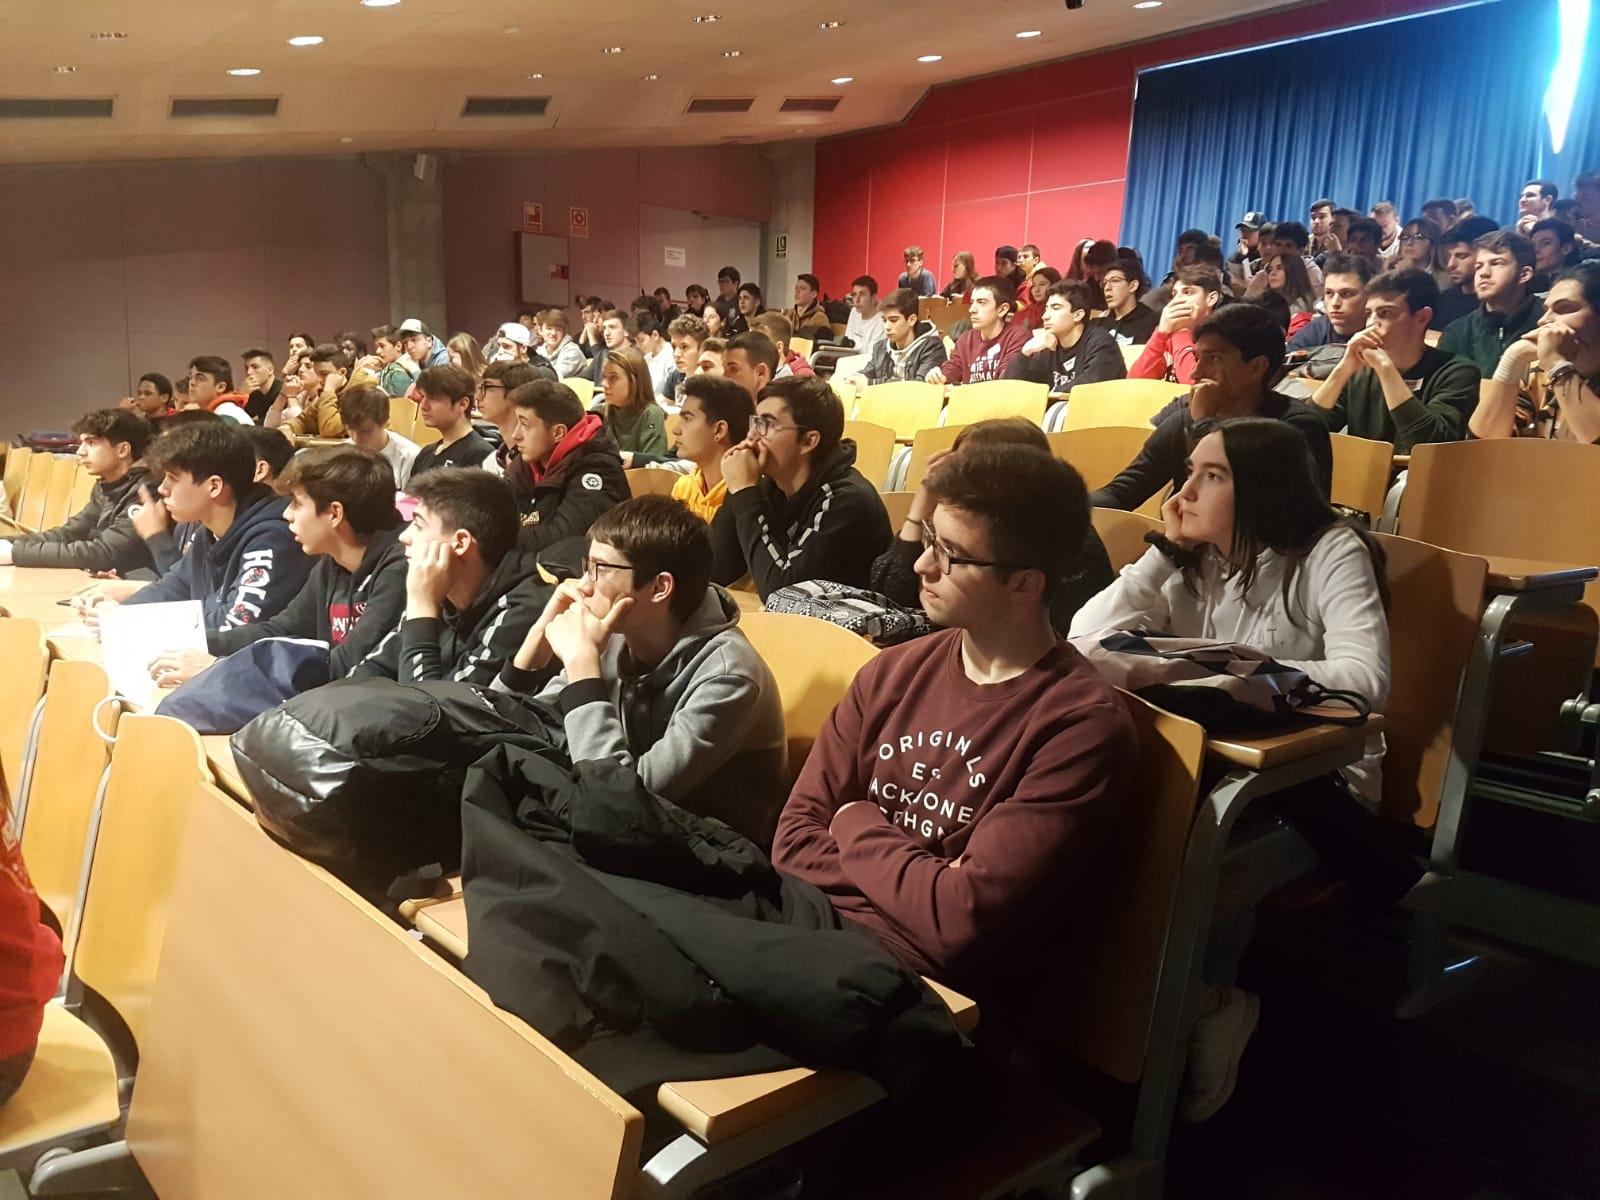 L'Escola Universitària de la Salut i l'Esport obre les portes del centre i explica la seva oferta formativa de CAFE i de Fisioteràpia als estudiants de batxillerat de la demarcació